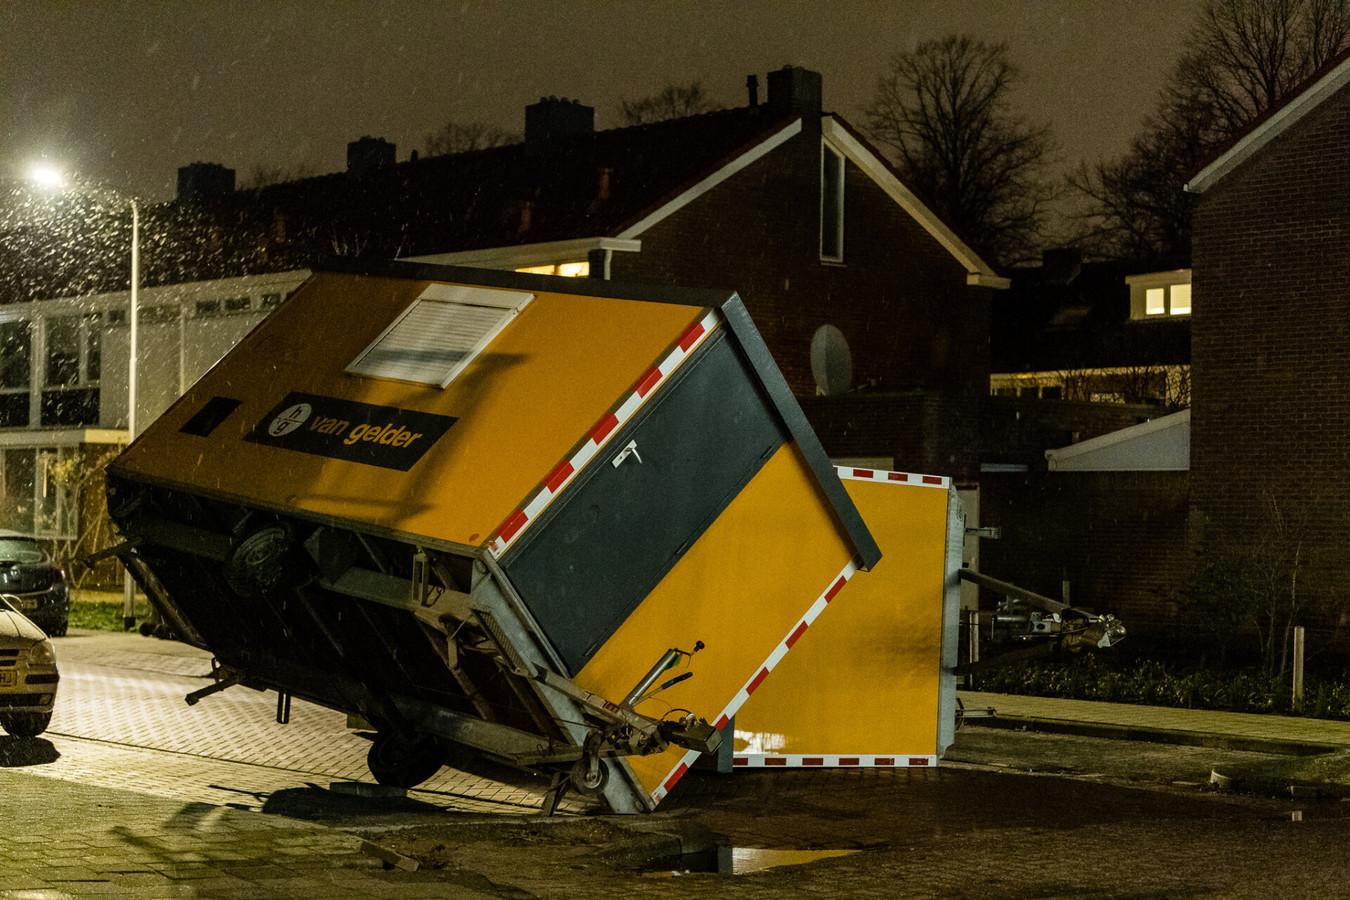 Er werd een ravage aangericht tijdens de rellen in Tilburg.